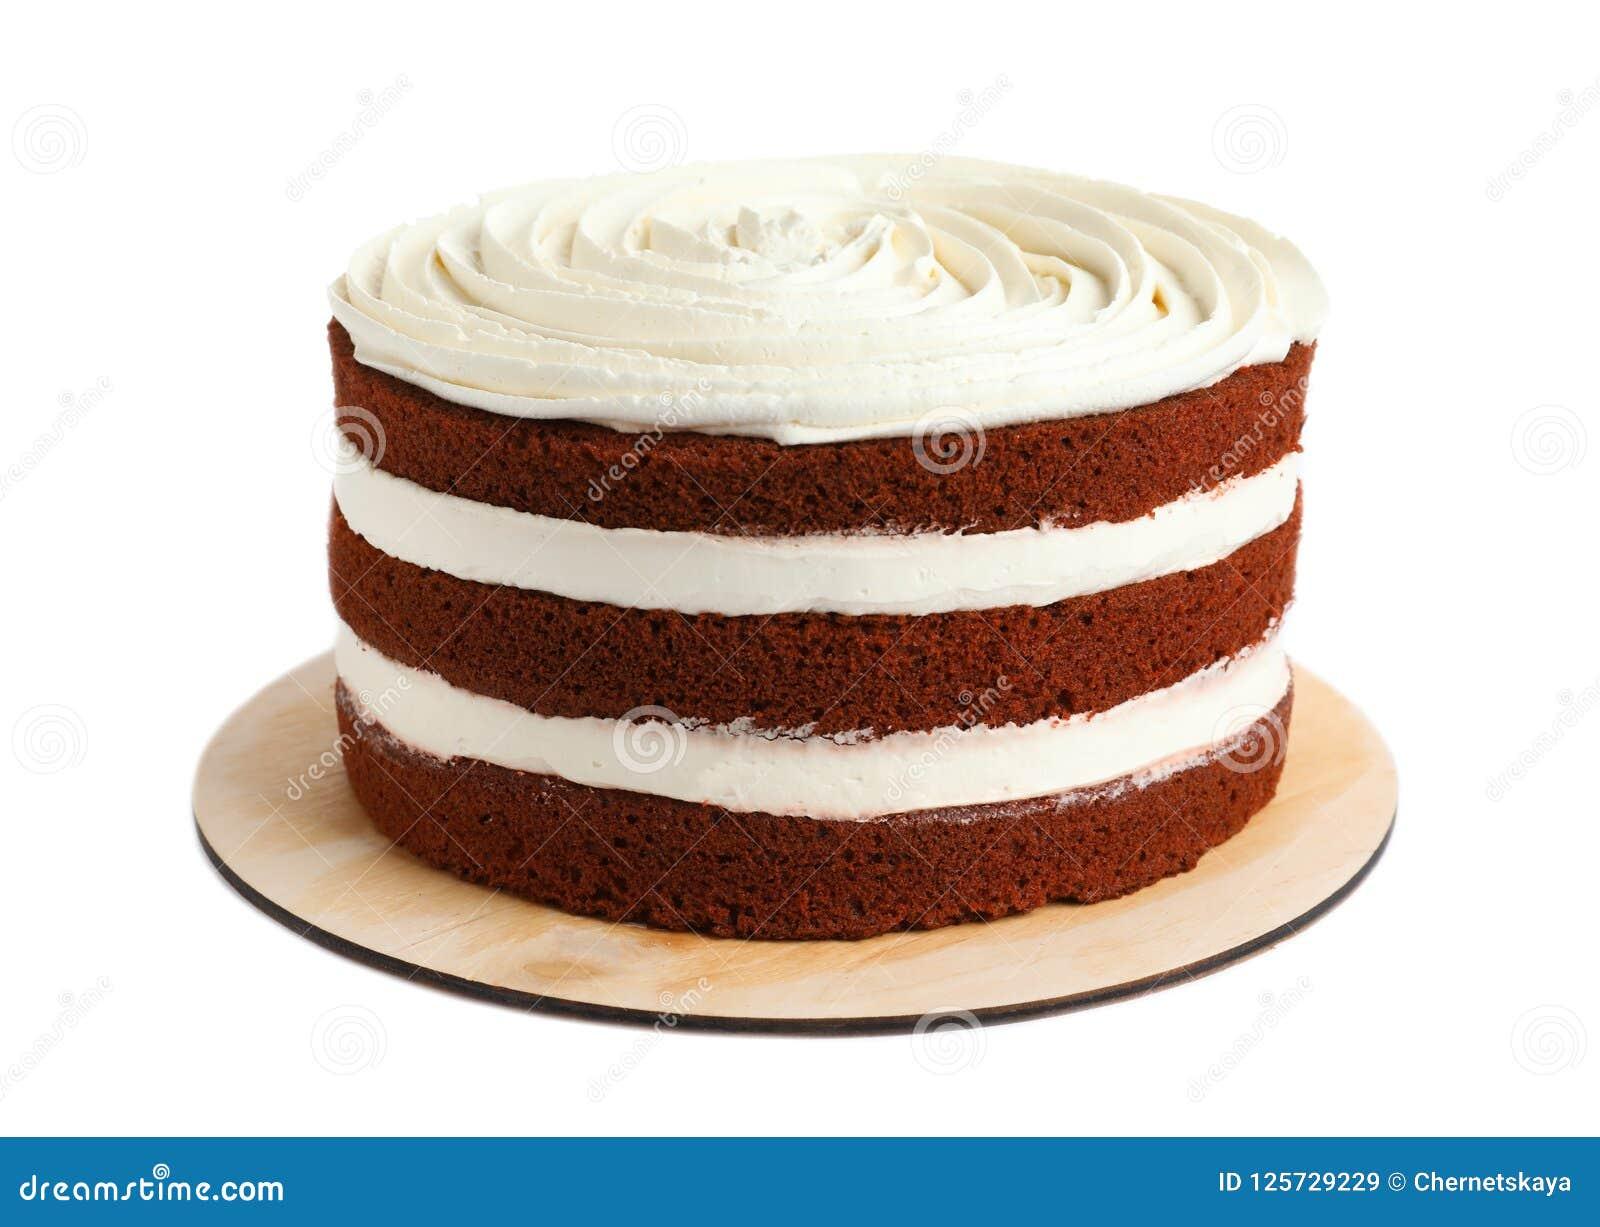 Delicious homemade red velvet cake